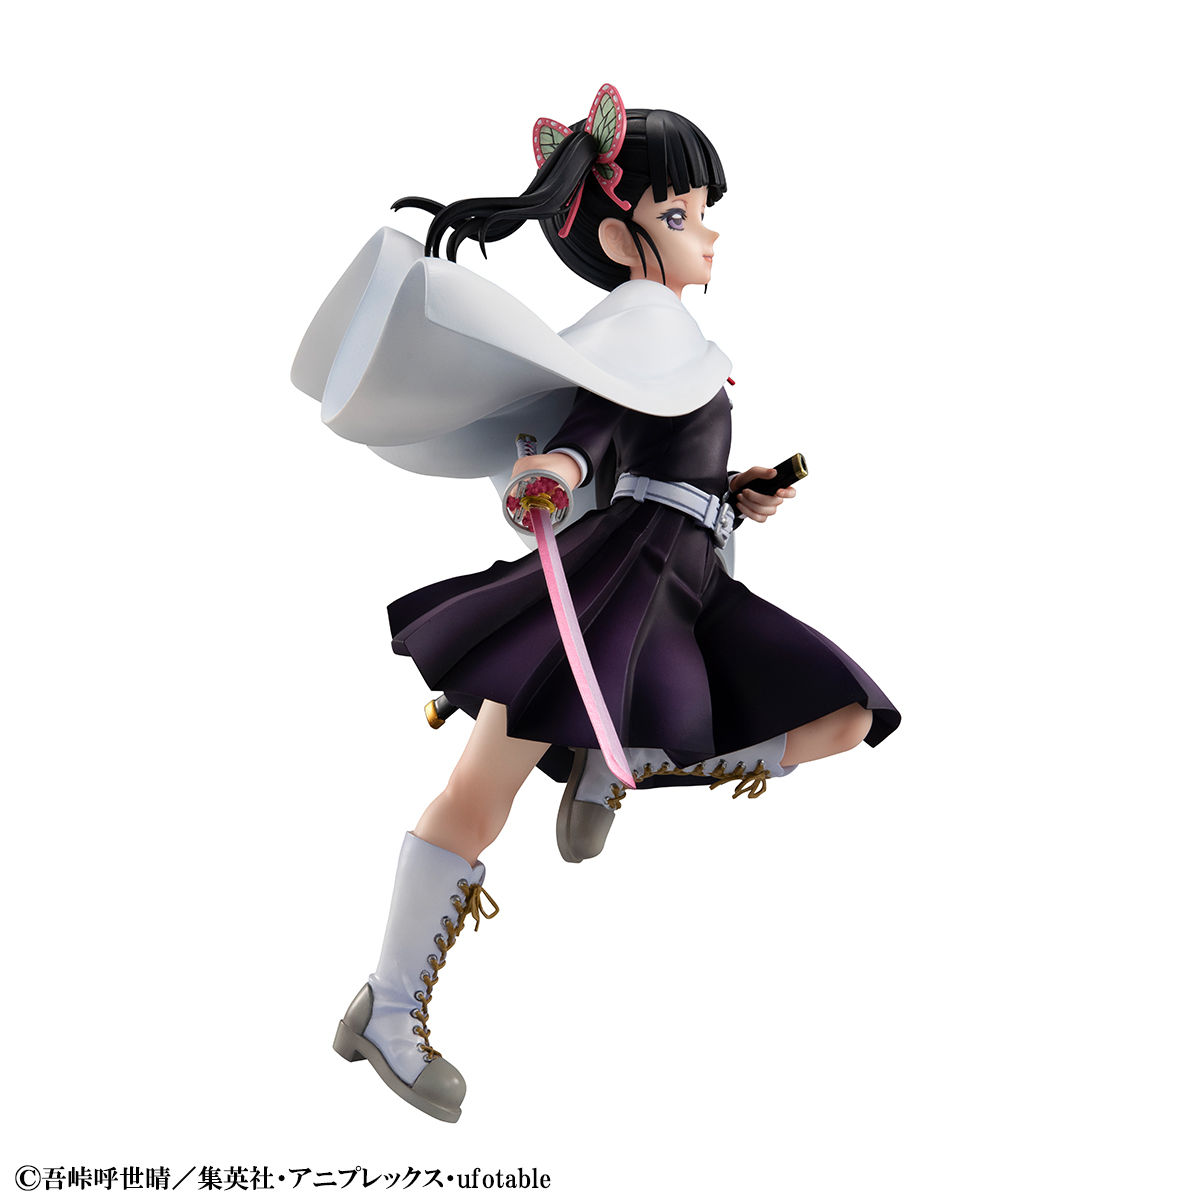 【限定販売】ギャルズシリーズ『栗花落カナヲ』鬼滅の刃 完成品フィギュア-007